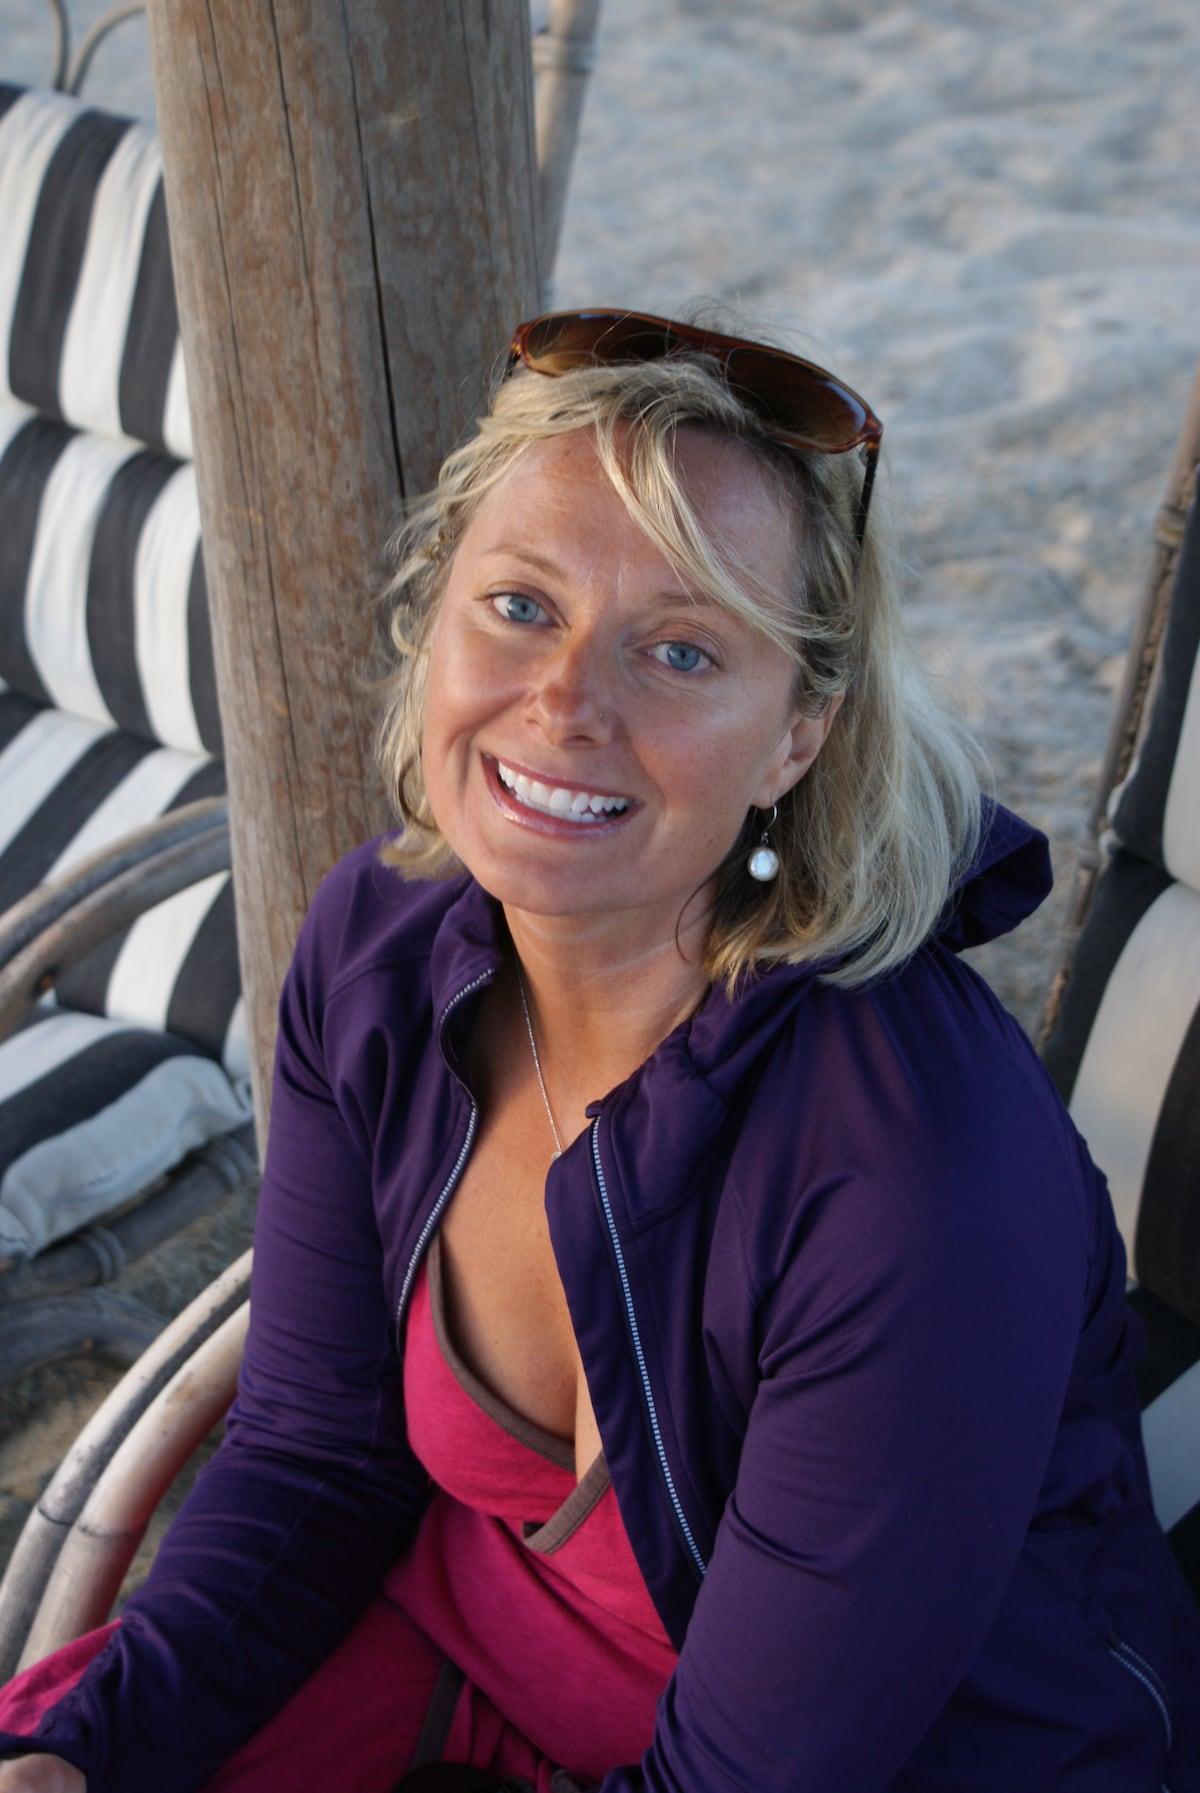 Jennifer from Oceanside